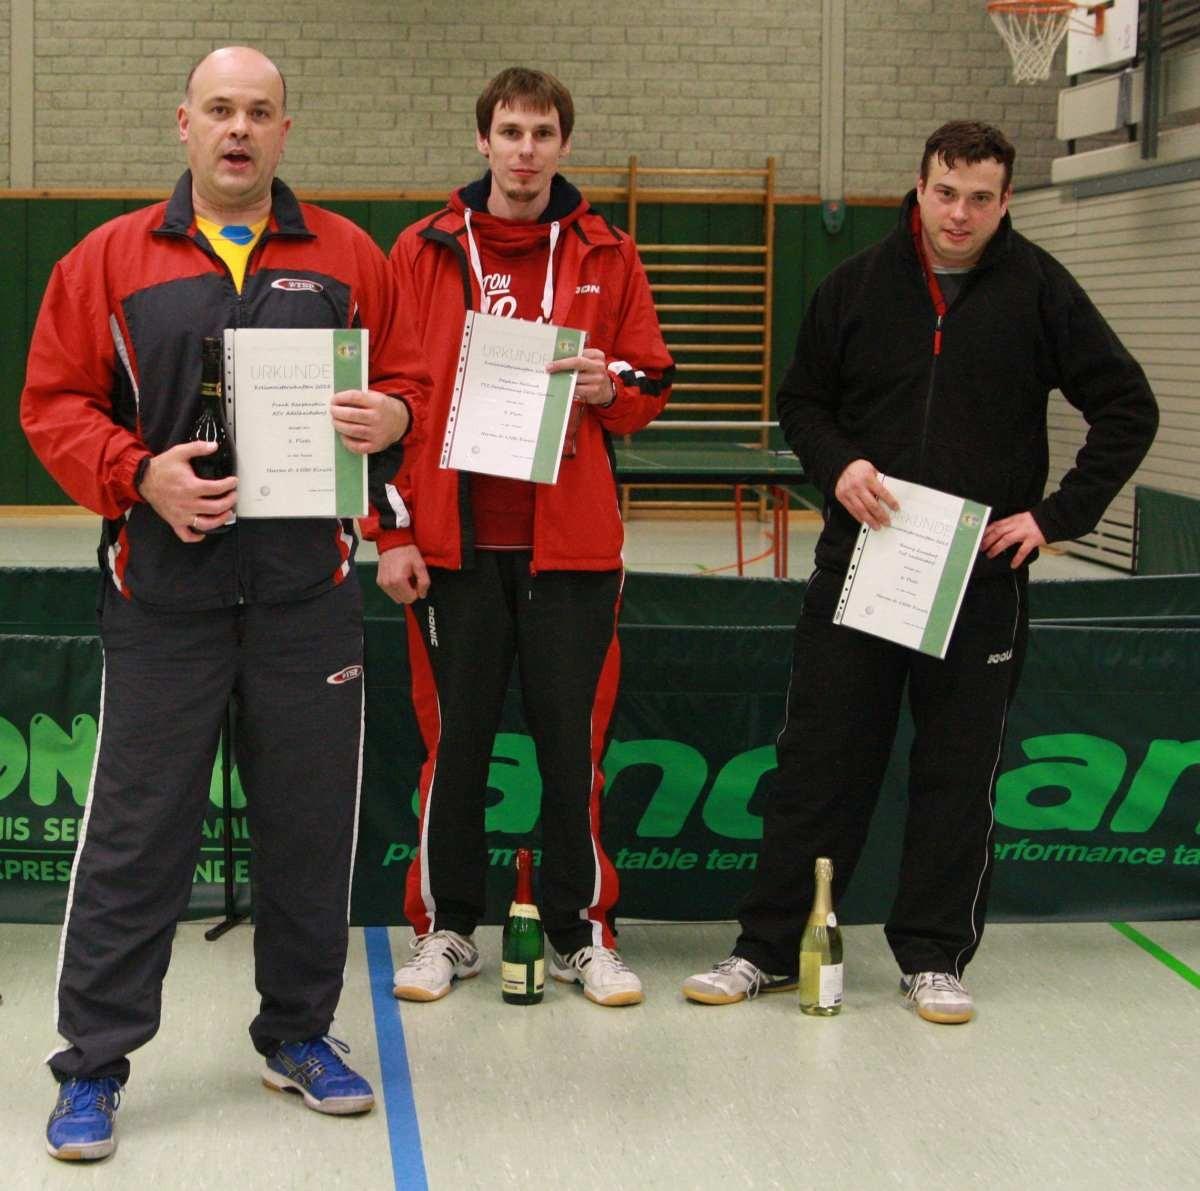 Sieger der Herren bis 1500 Punkte, v.l.: Frank Karpenstein (1. Platz), Stephen Holland (3. Platz), Ronny Quasdorf (2. Platz)